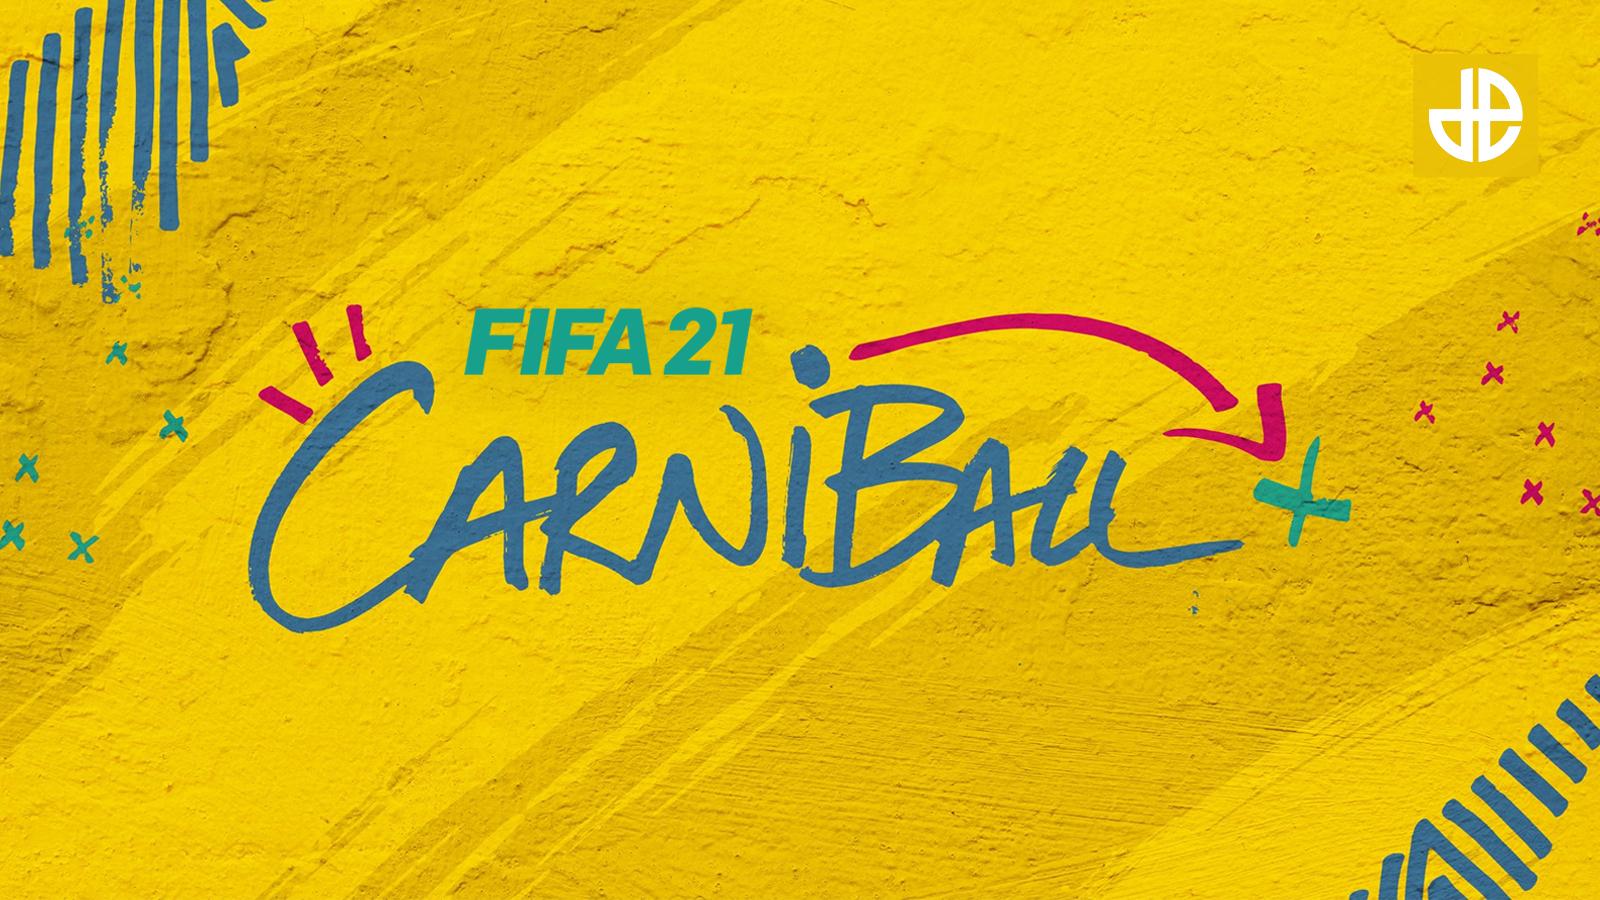 FIFA 21 Carniball promo event FUT countdown.